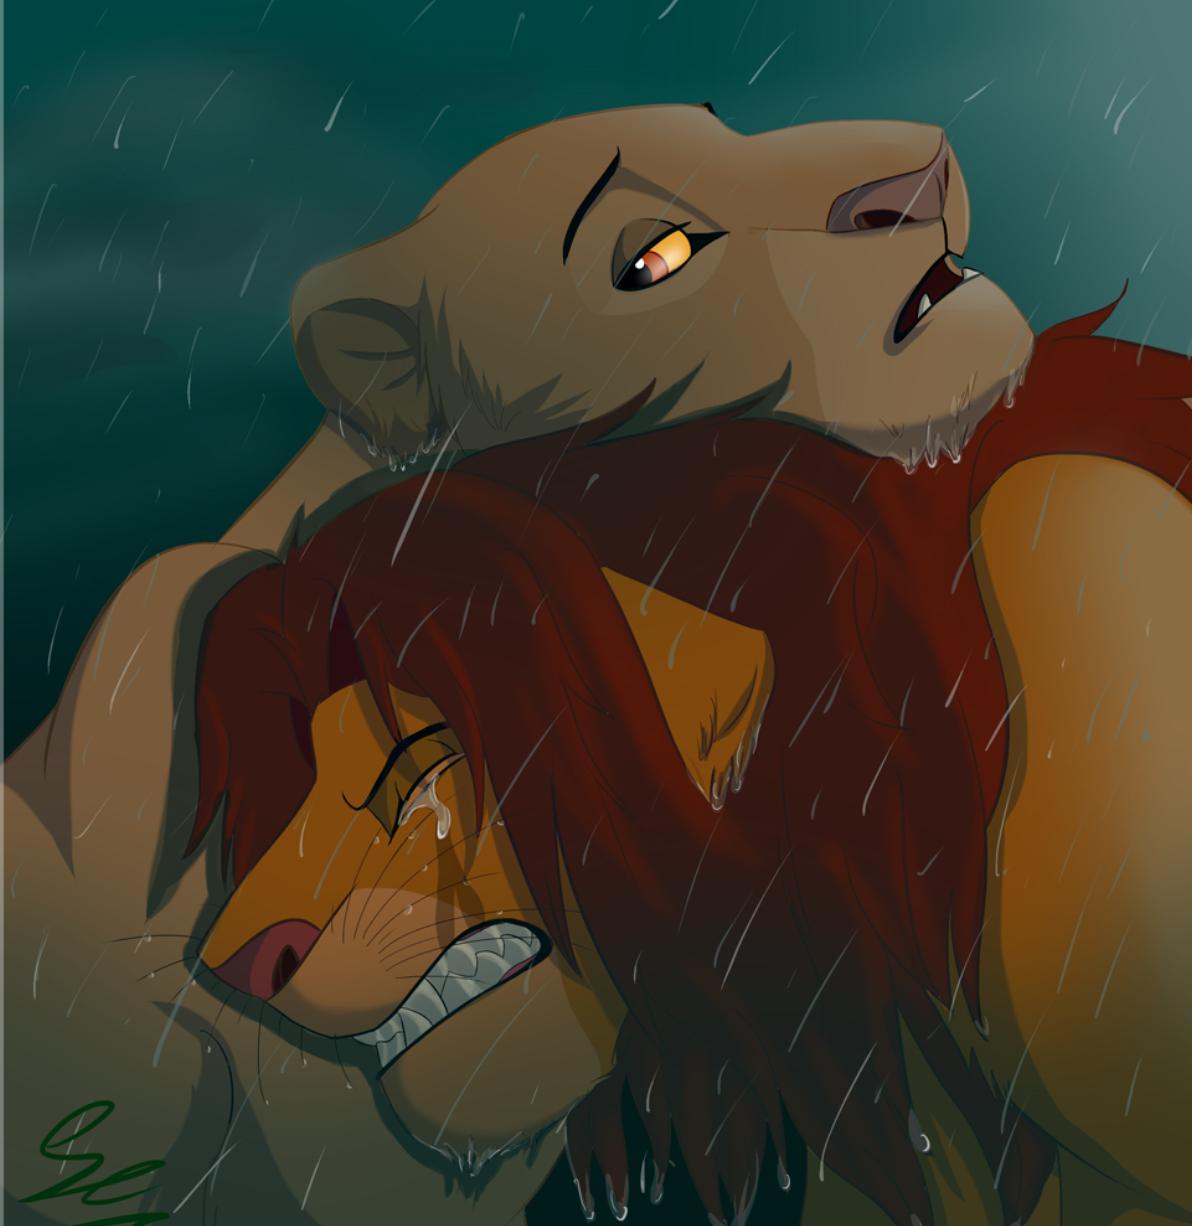 Crying And Sad Simba Lionkinglove Fan Art 42747394 Fanpop